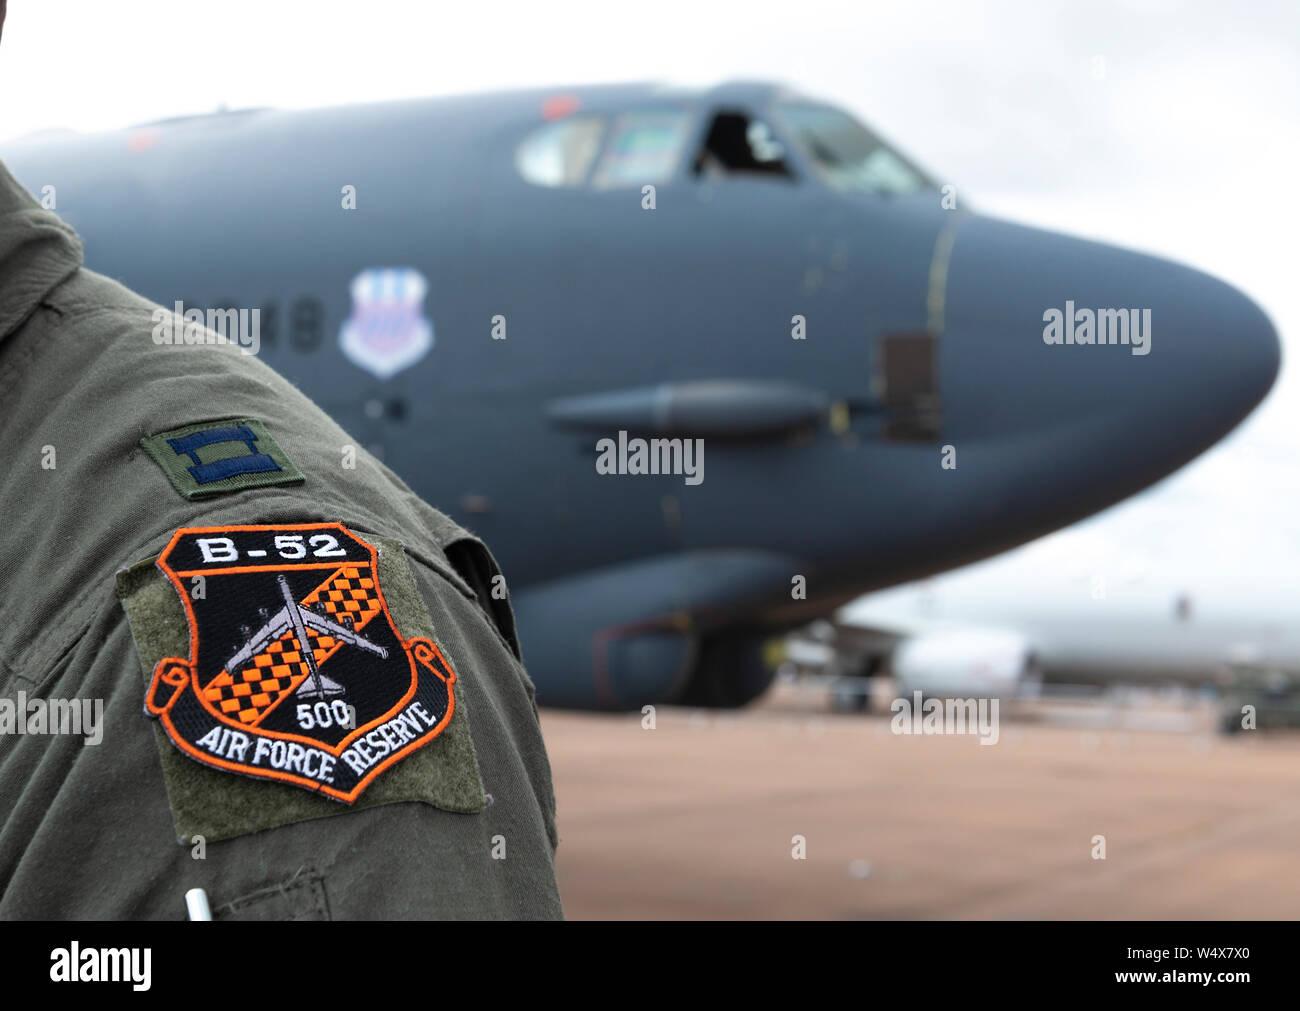 Boeing B-52 Stratofortress arrivare a RAIT 2019, dalla sua base dell'aeronautica di Barksdale Louisiana, USA, per esposizioni e per prendere la residenza temporanea. Foto Stock